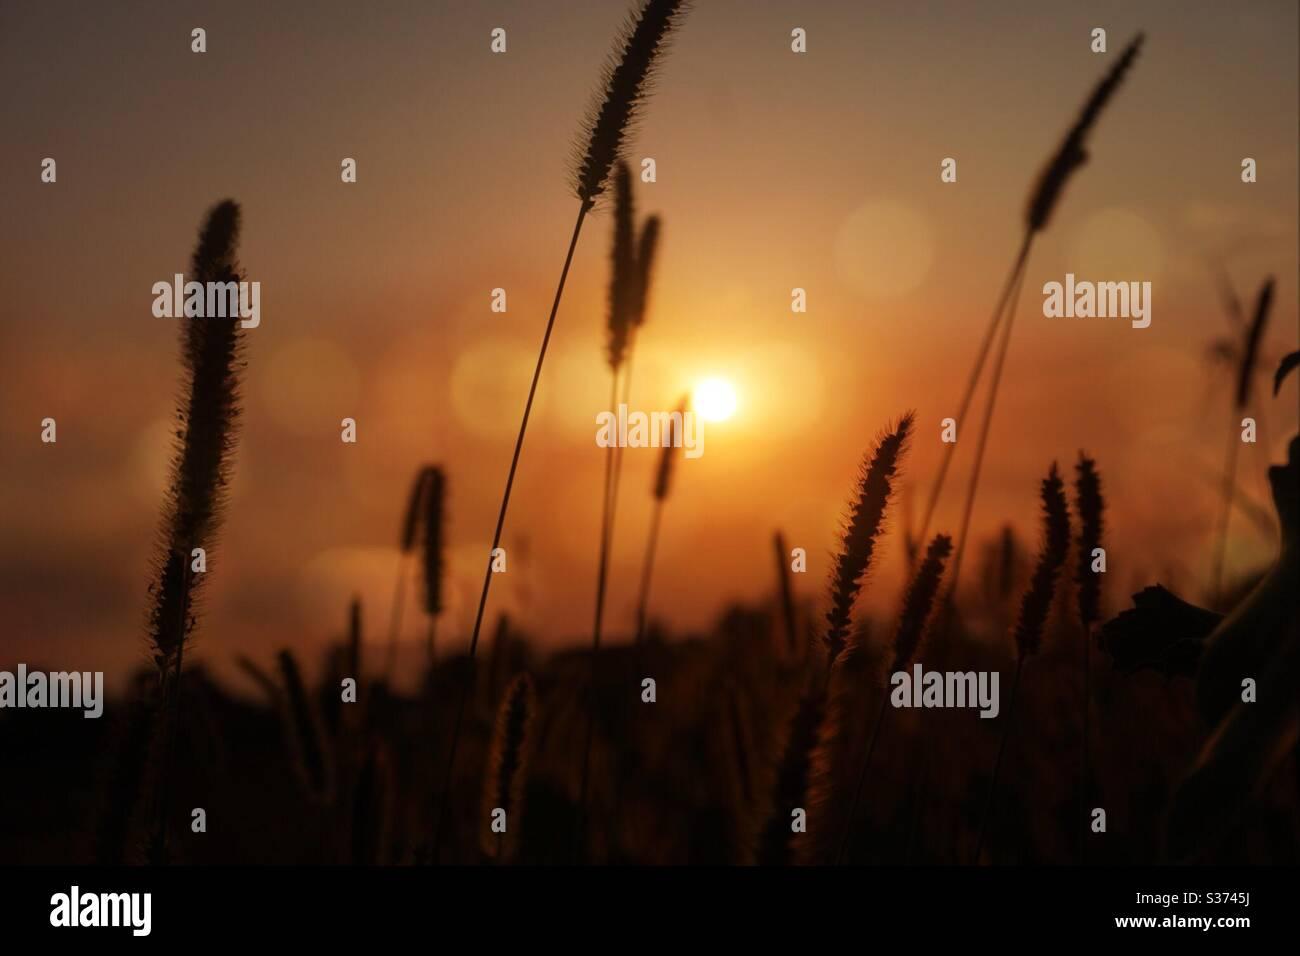 Ähren aus Weizen gegen das Licht, die kleinen Fäden reflektieren das orange Licht des Sonnenuntergangs Stockfoto